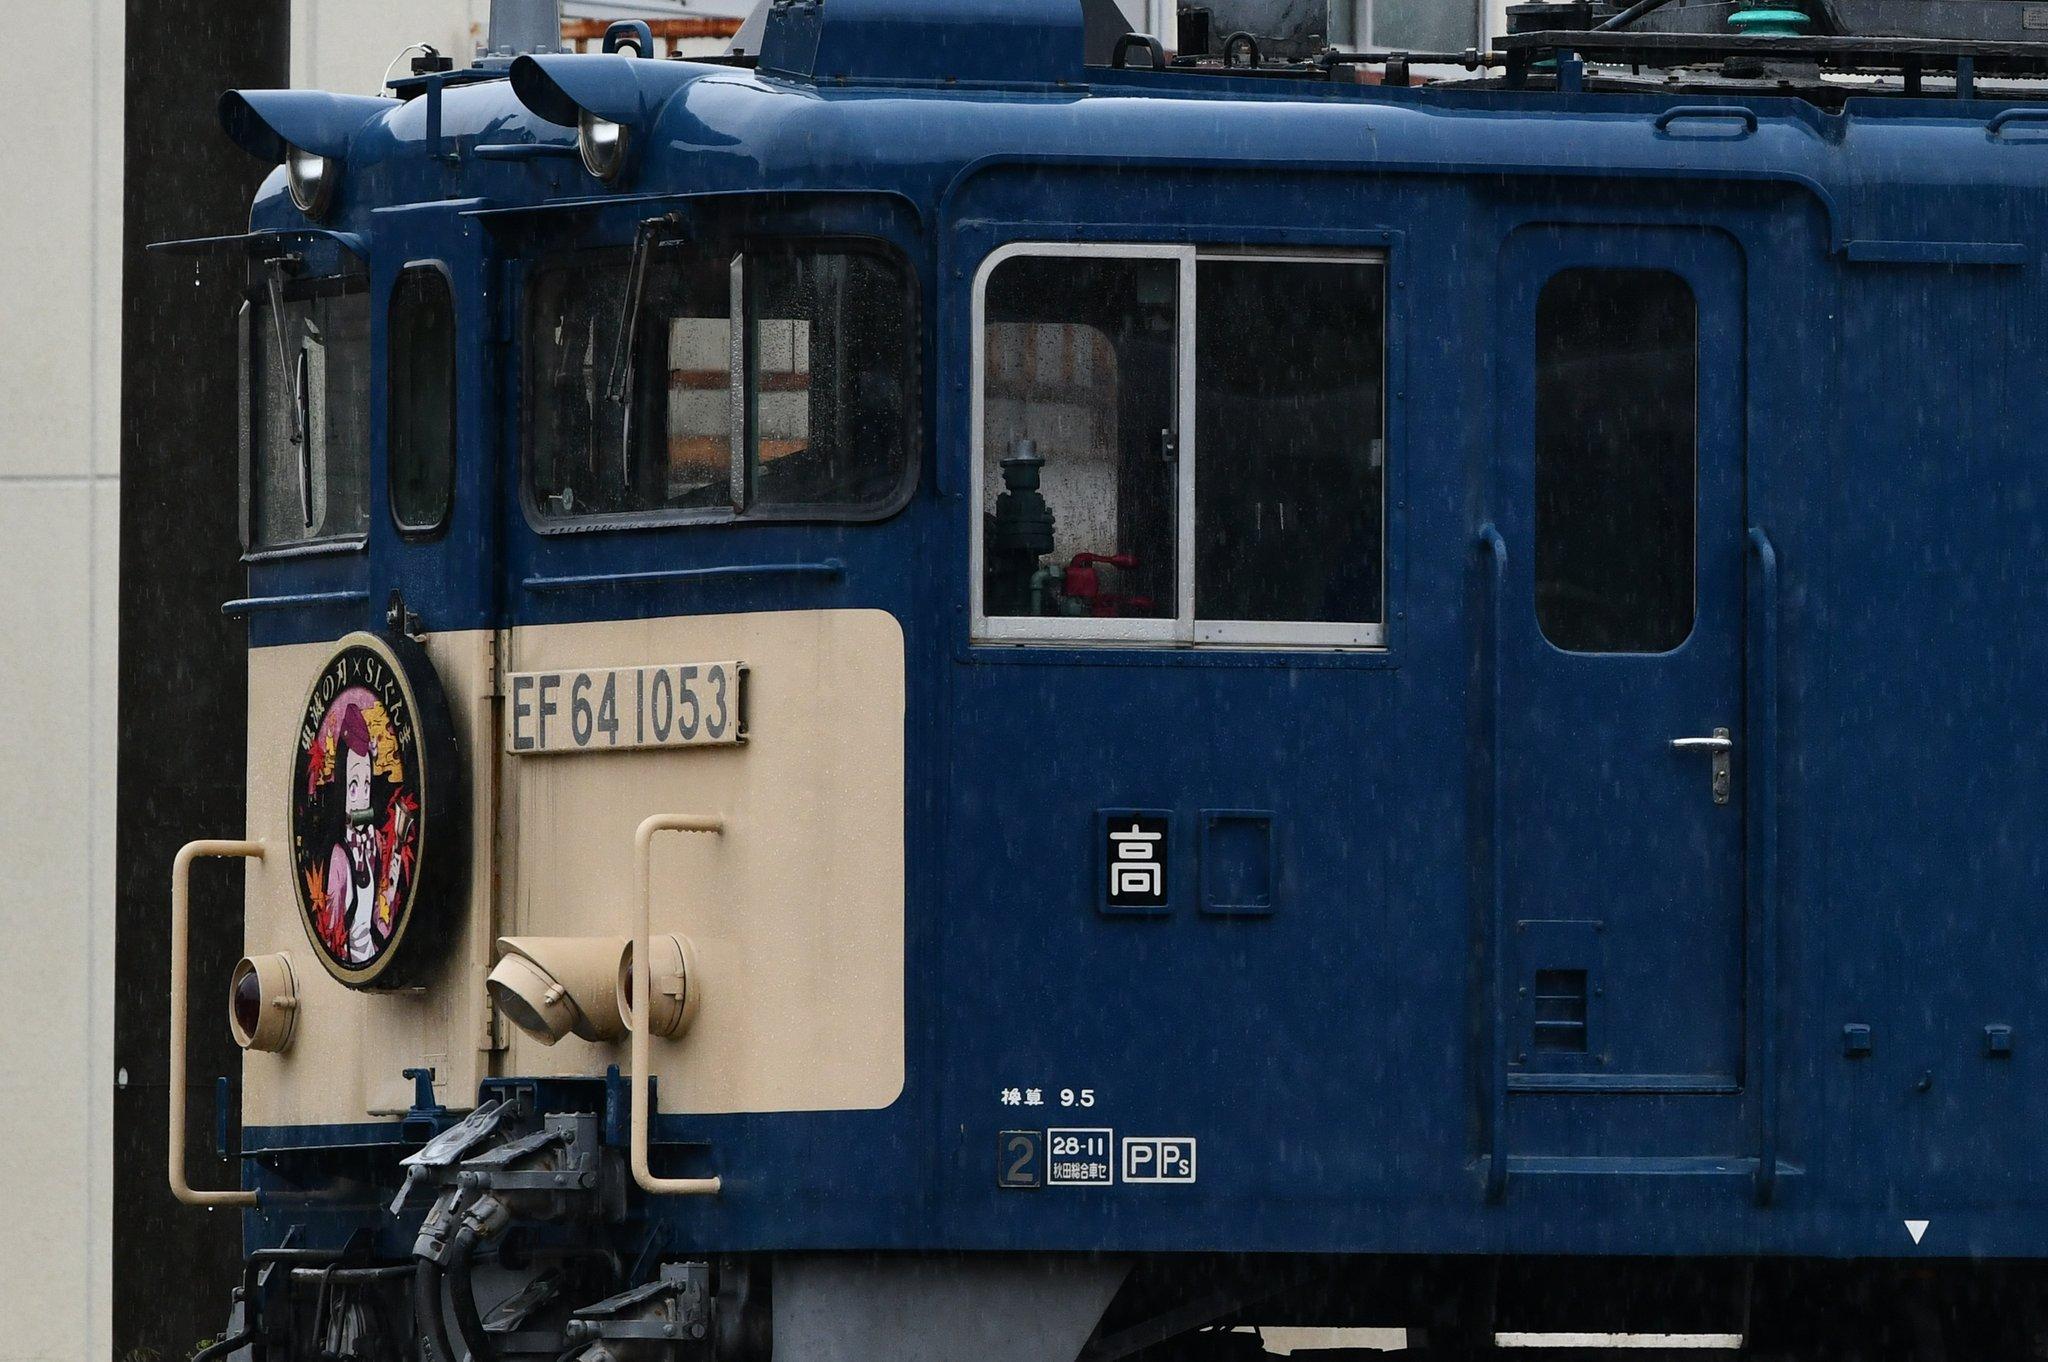 【無限列車大作戦】鬼滅の刃×SLぐんま 禰豆子ヘッドマーク取り付け確認 10/11から運行開始